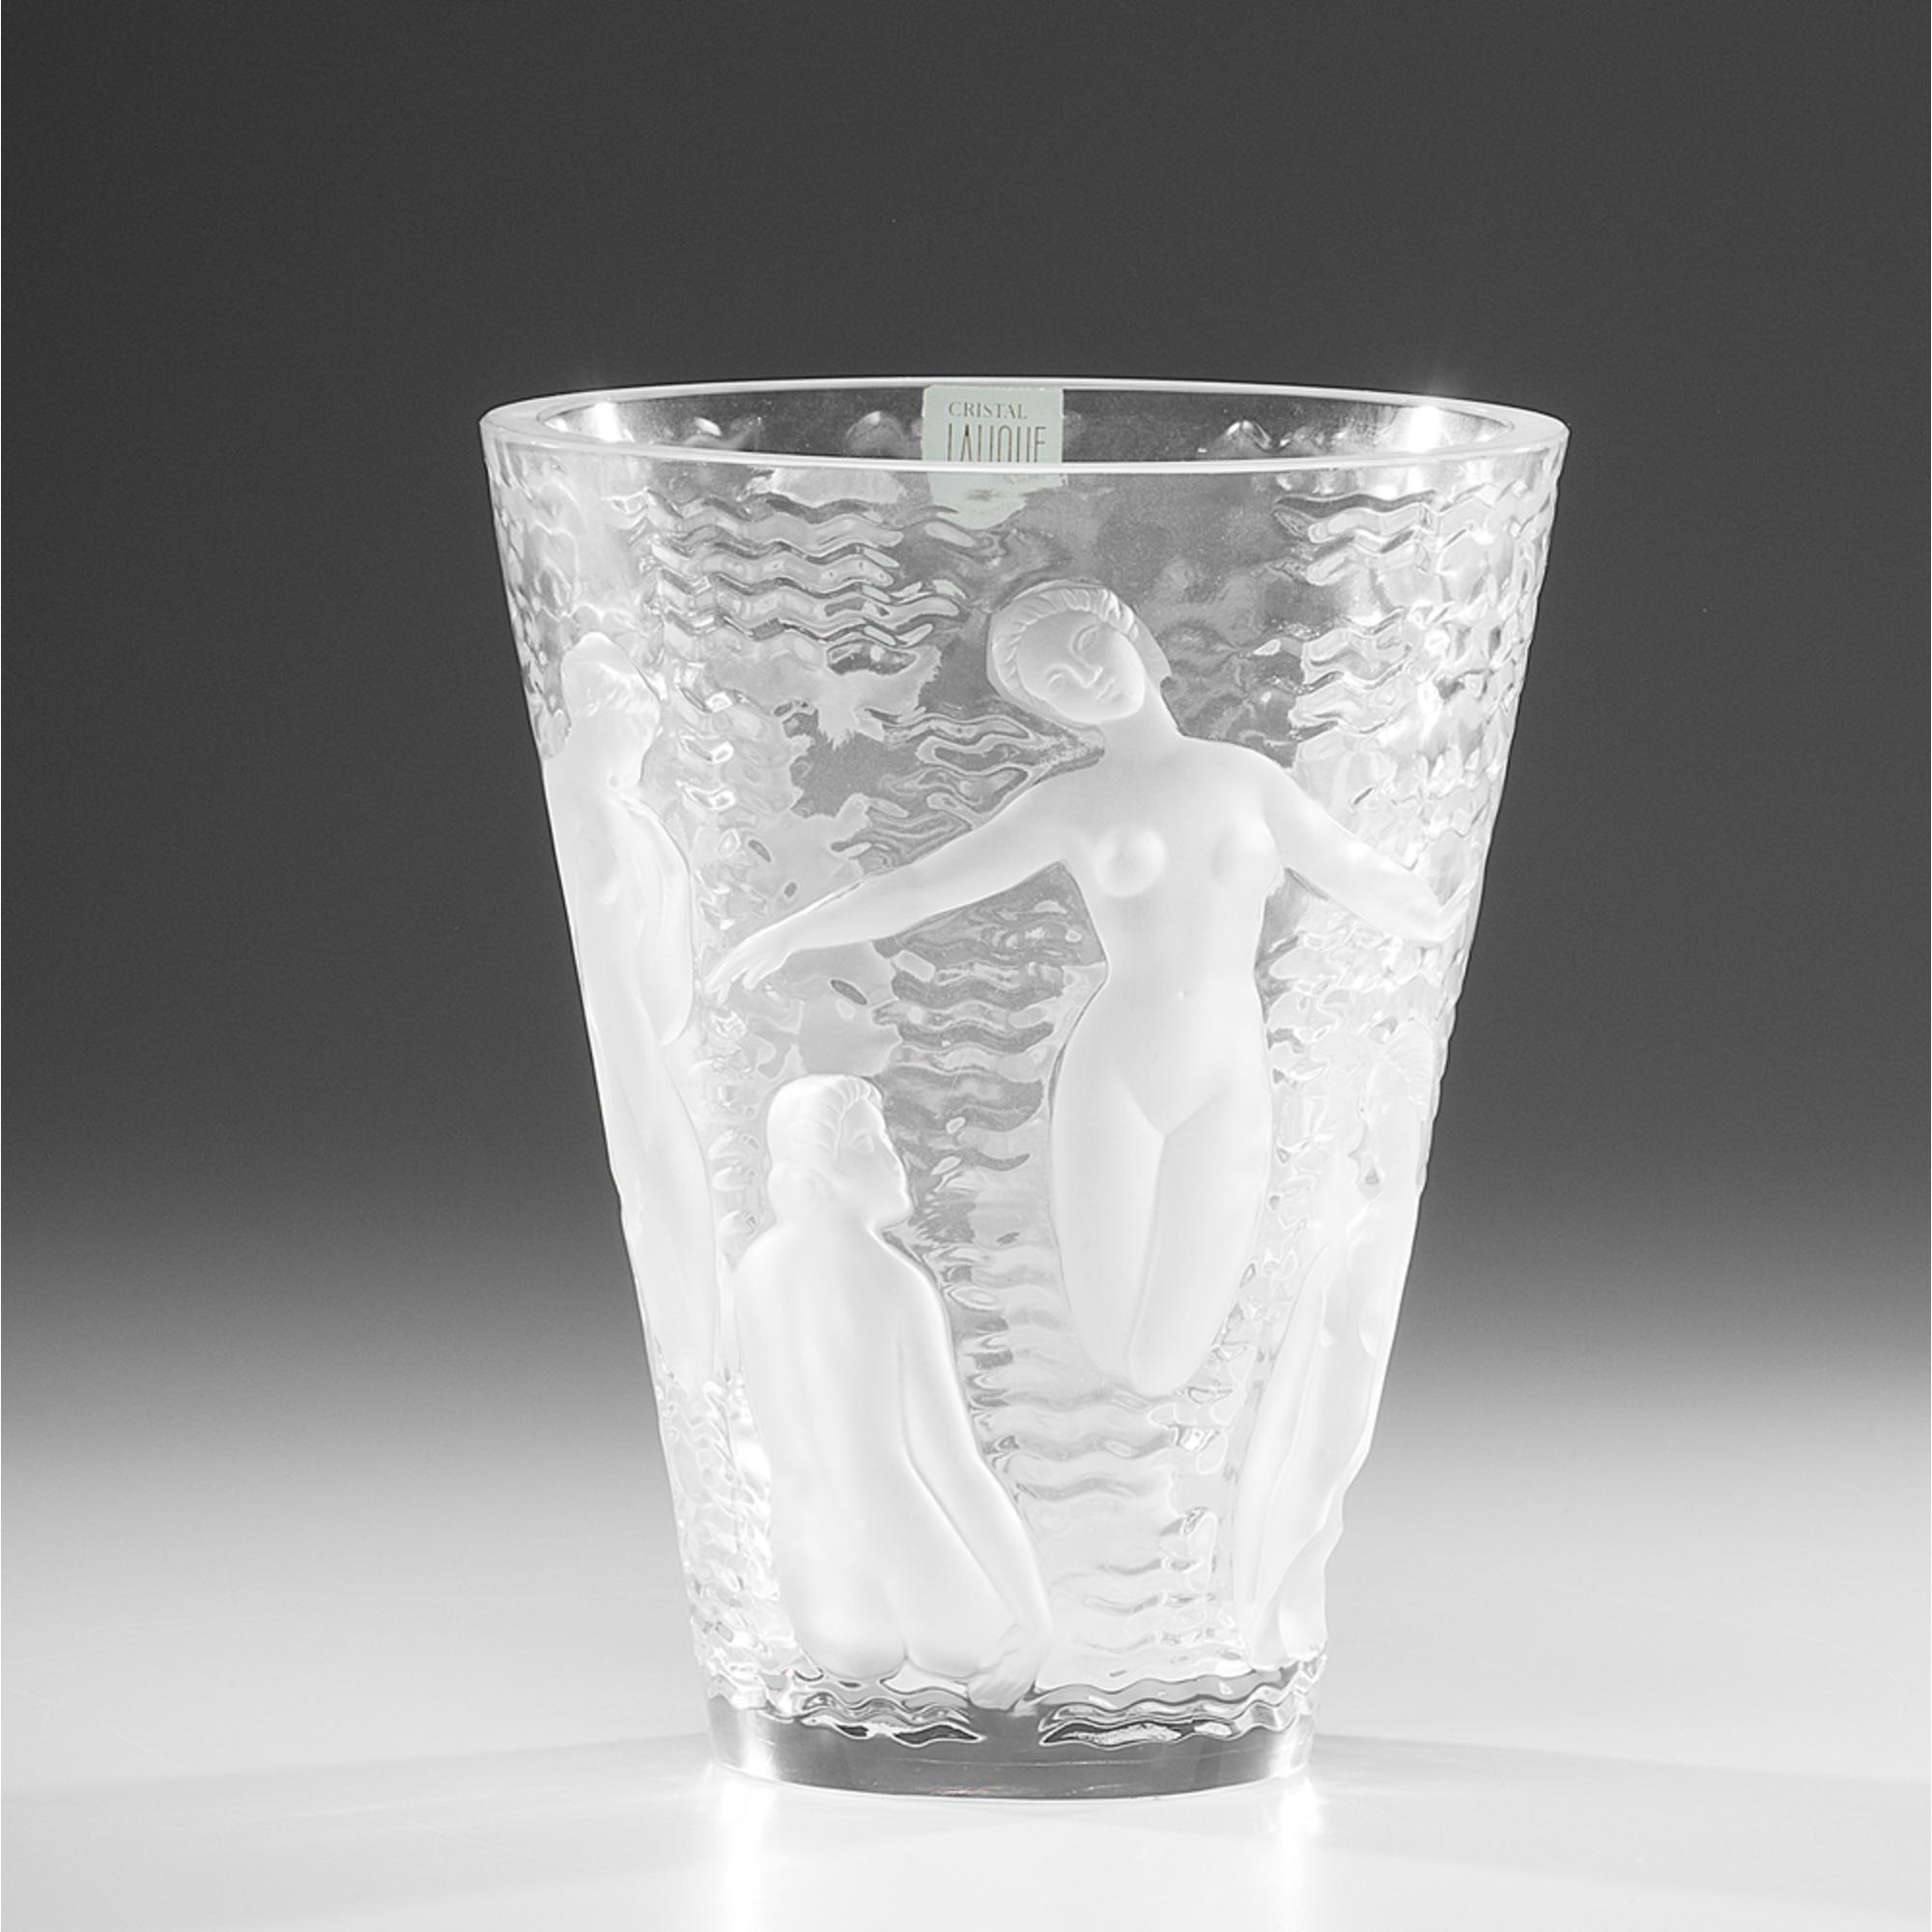 Lalique Ondines Vase Cowan S Auction House The Midwest